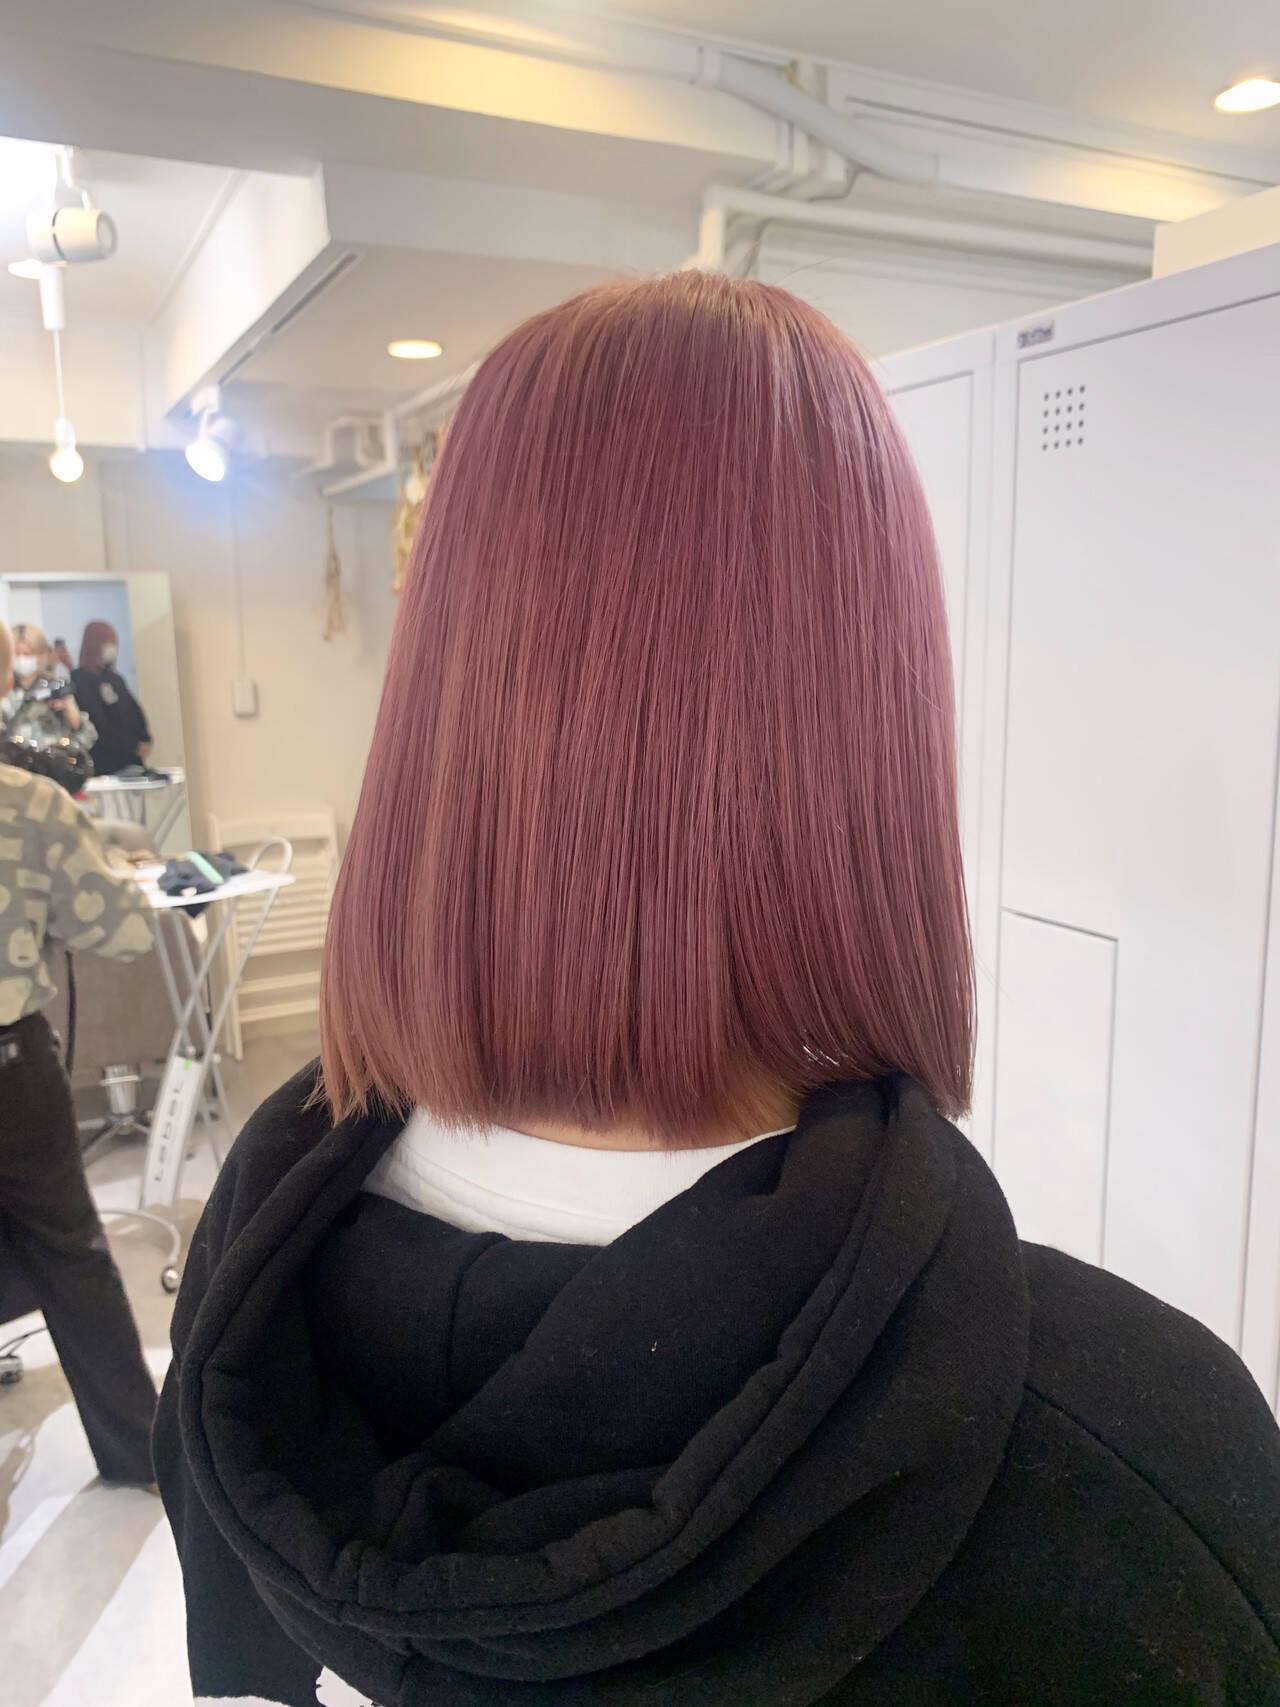 ピンク ピンクベージュ ボブ ピンクアッシュヘアスタイルや髪型の写真・画像